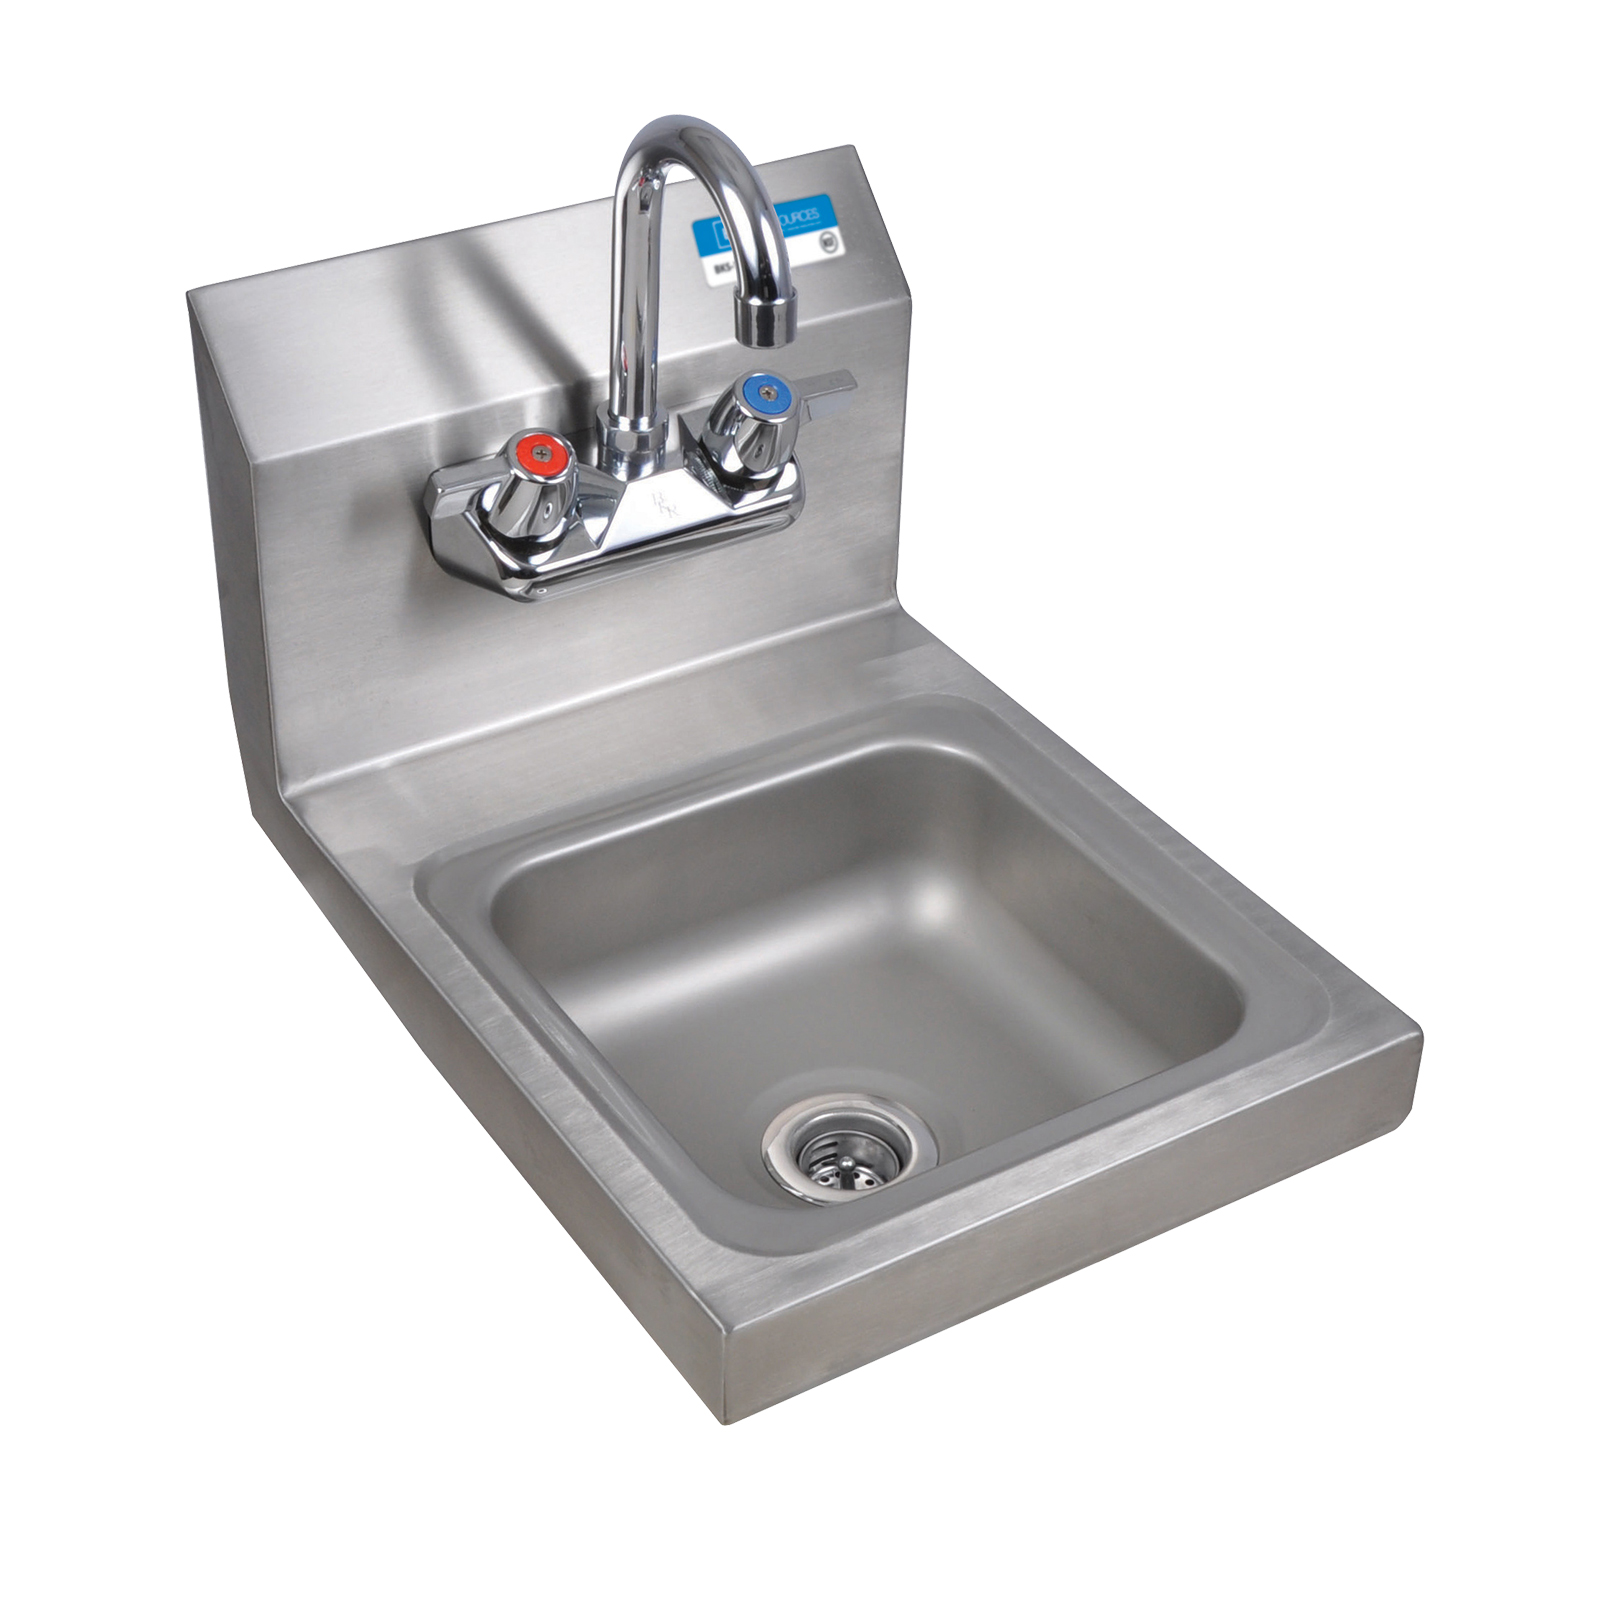 BK Resources BKHS-W-SS-P-G sink, hand